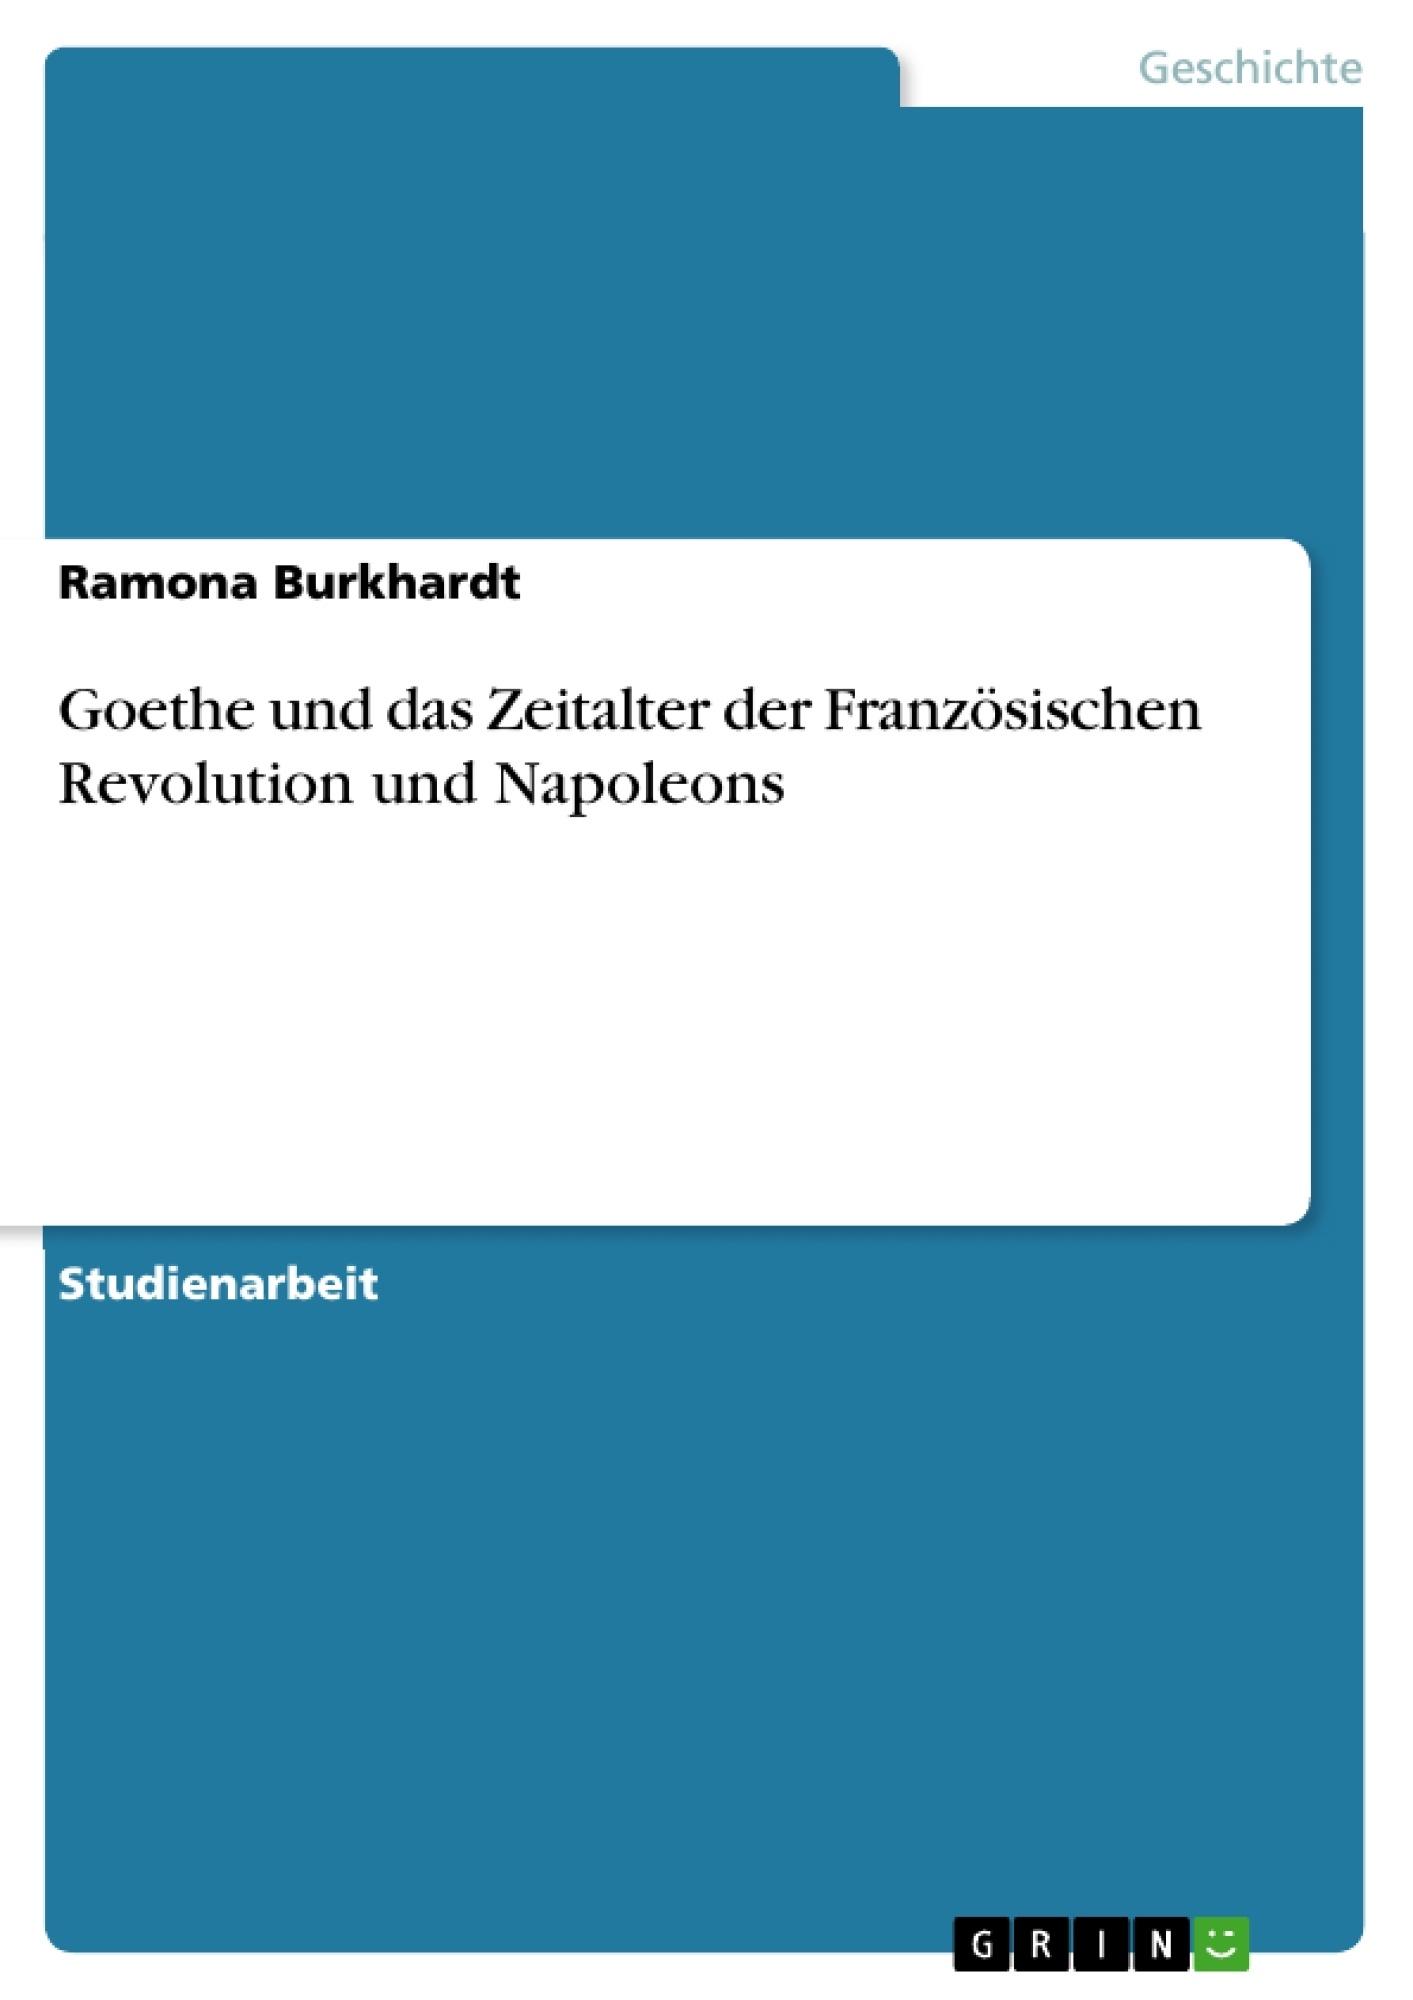 Titel: Goethe und das Zeitalter der Französischen Revolution und Napoleons